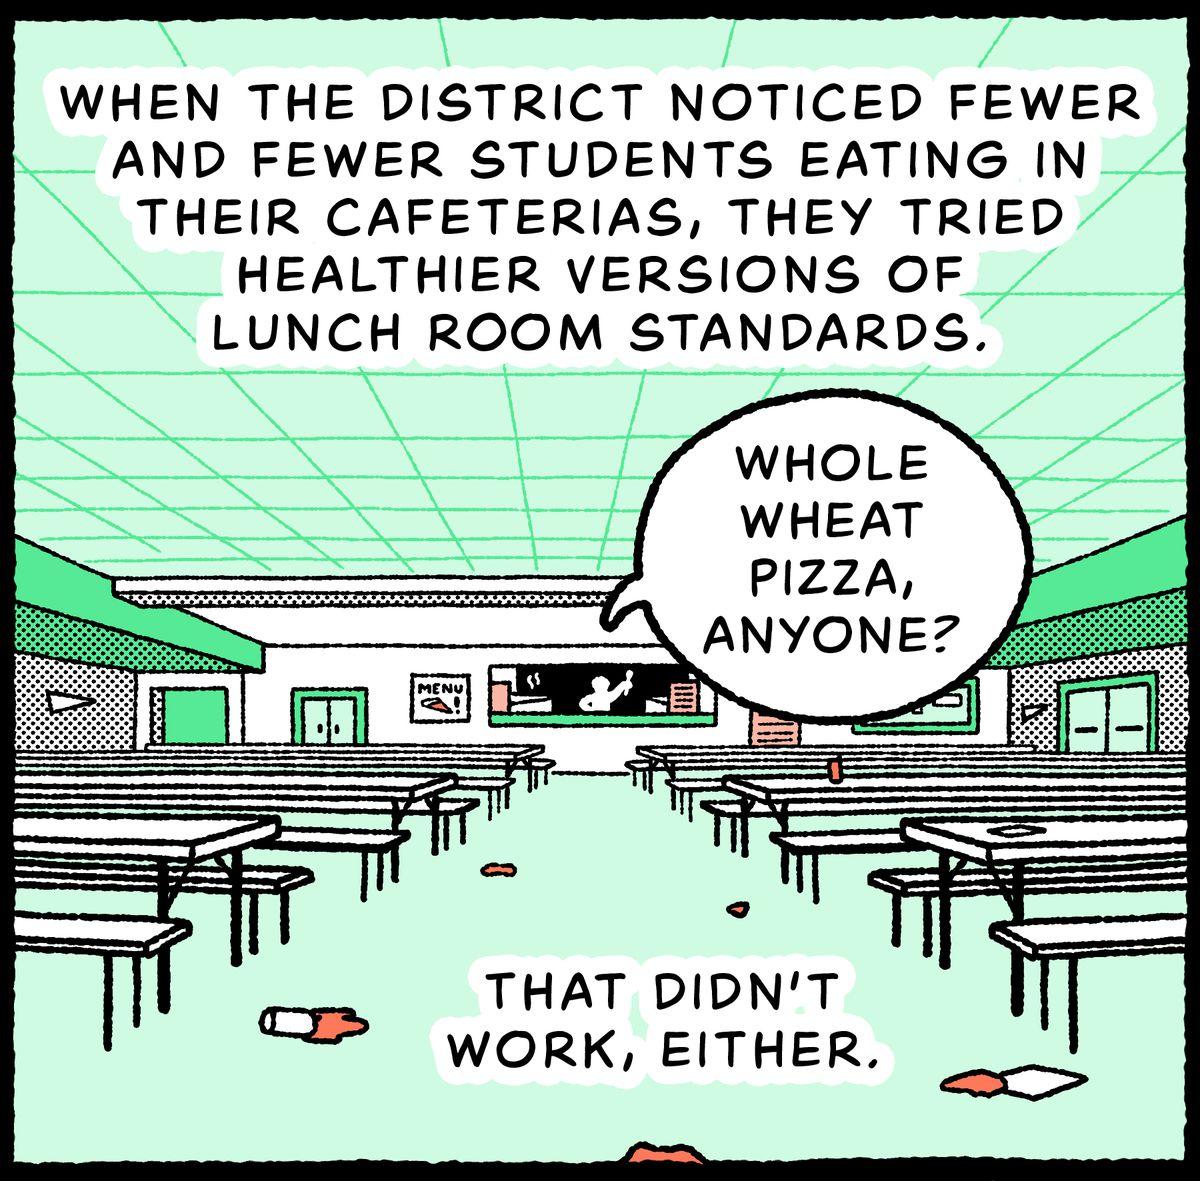 Un déjeuner servant une part de pizza au blé entier, étalé pour montrer une salle à manger vide: lorsque le district a commencé à voir de moins en moins d'étudiants manger dans leurs cafétérias, ils ont essayé des versions plus saines des normes de la salle à manger.  Cela n'a pas fonctionné non plus.  Personne au déjeuner: Pizza au blé entier, ça vous tente?